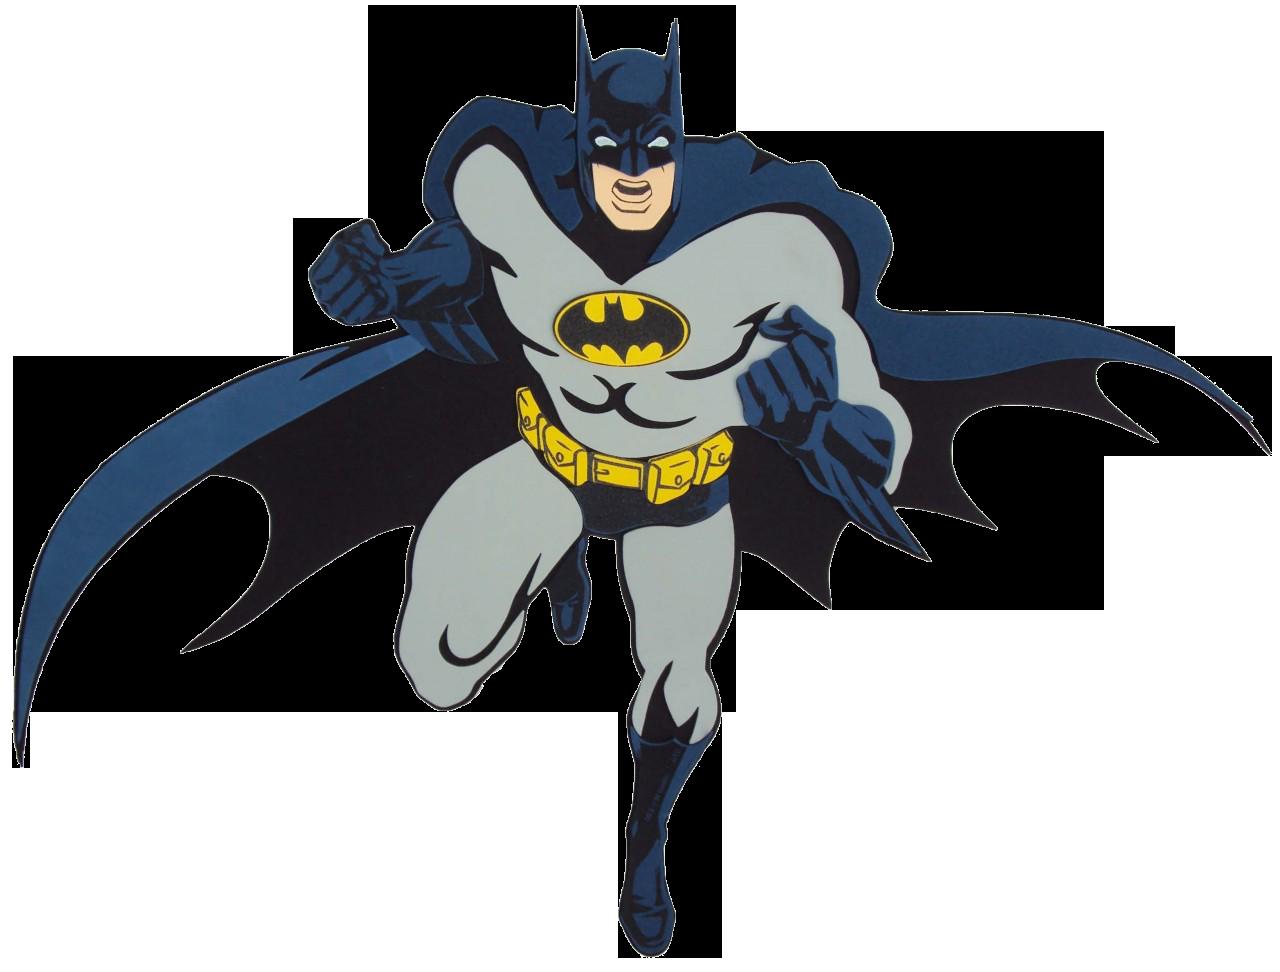 Batman Clipart. em 2019.